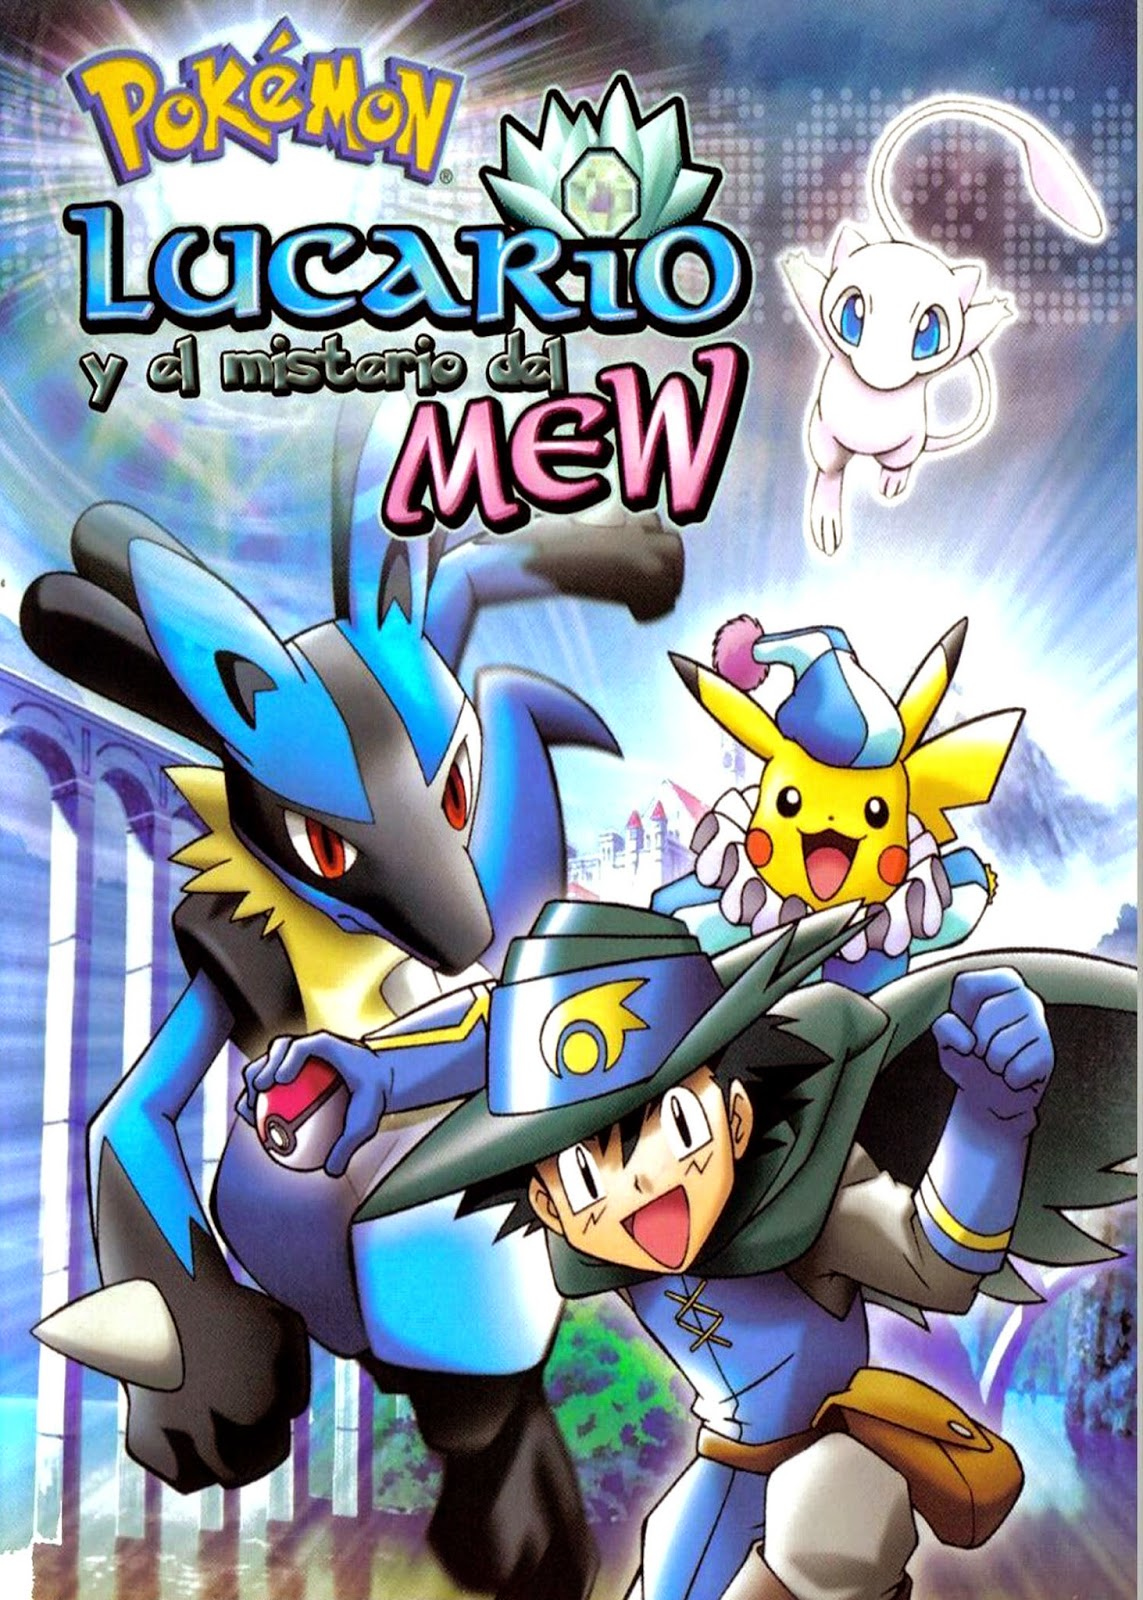 Pokémon 08: Lucario y el misterio de Mew (2005)